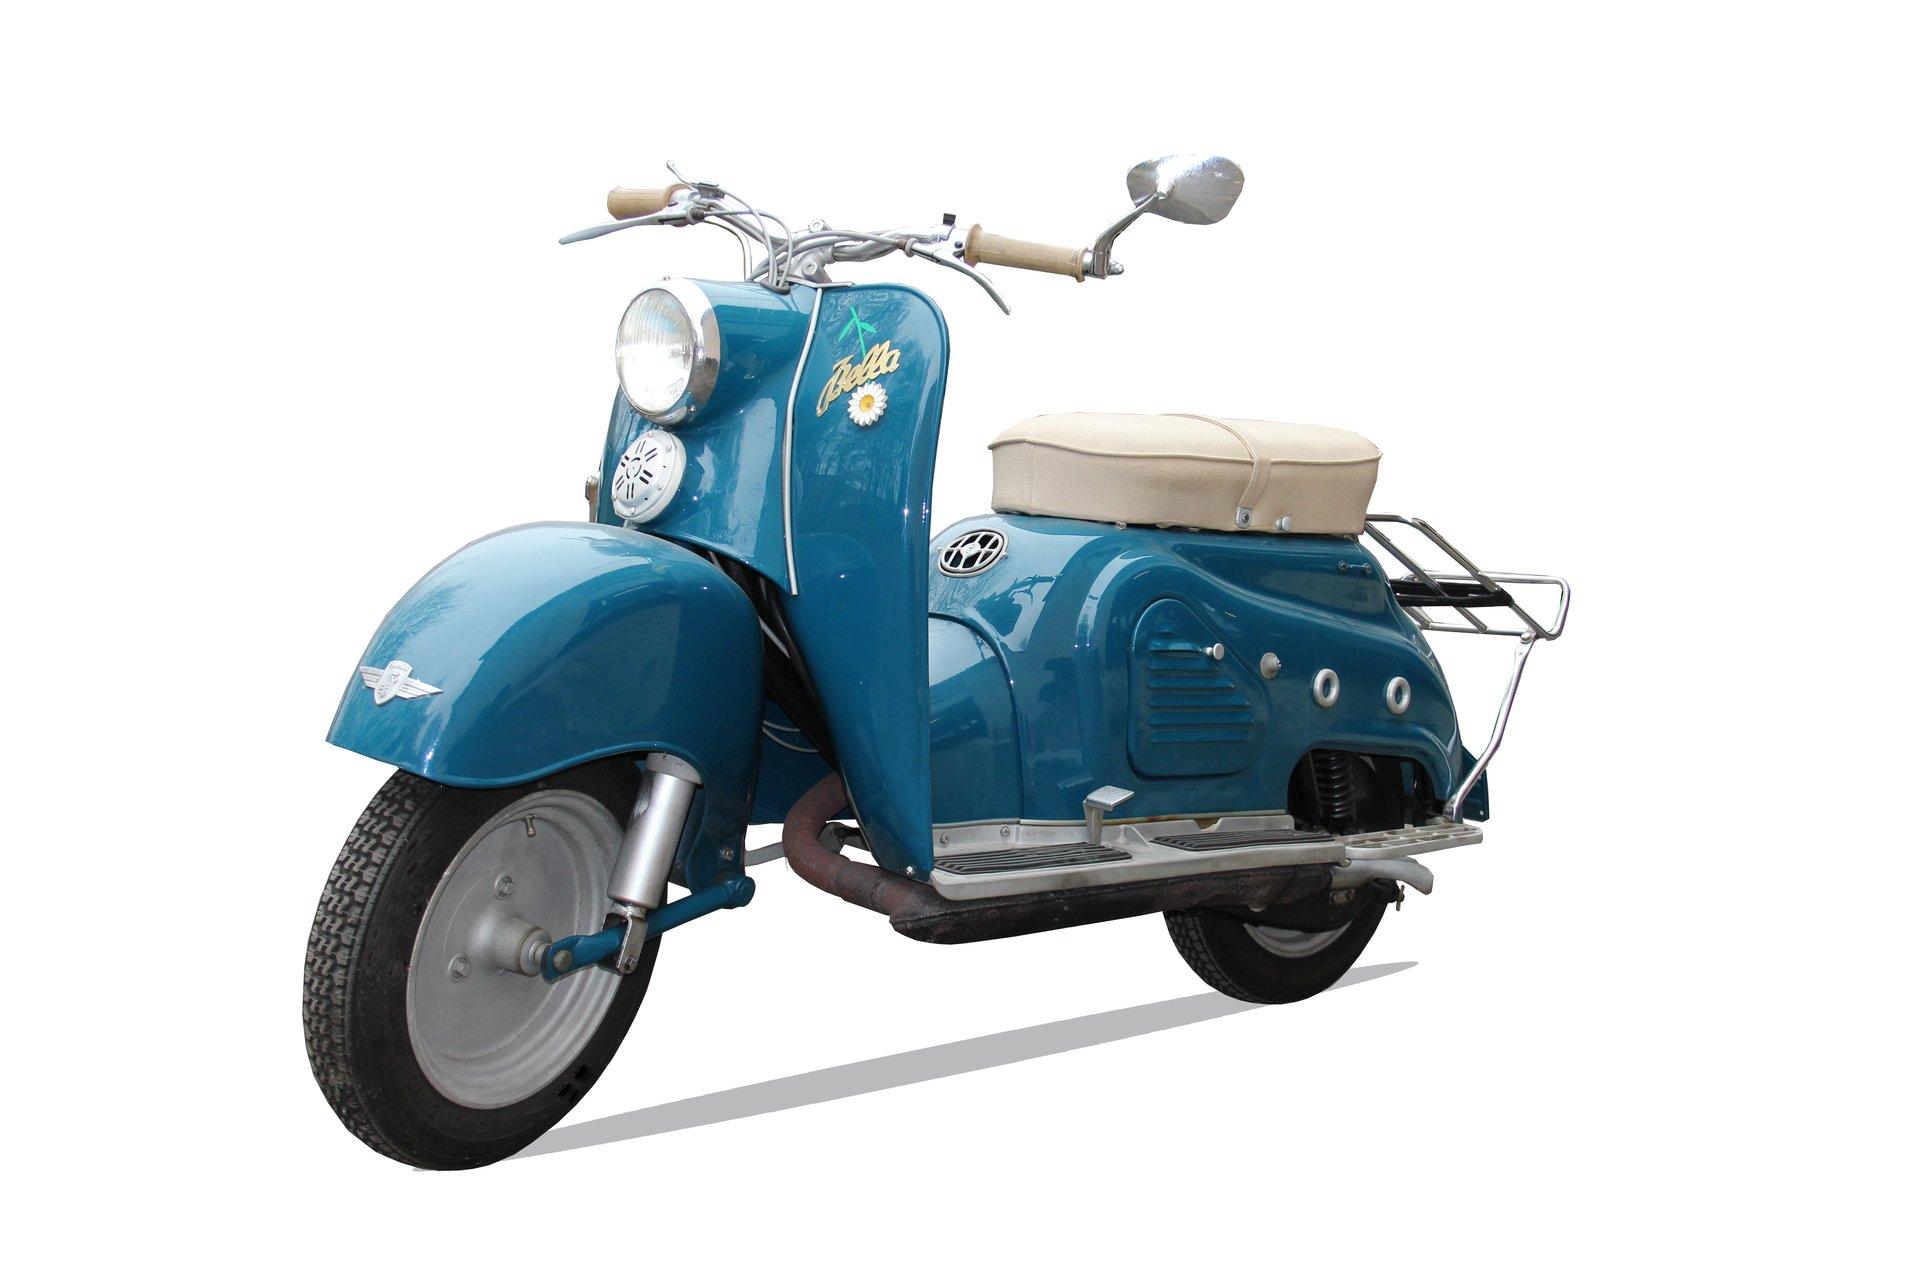 Der 10. Preis hat zwei Räder, eine wunderschöne Zündapp Bella, ideal für den Sommer.